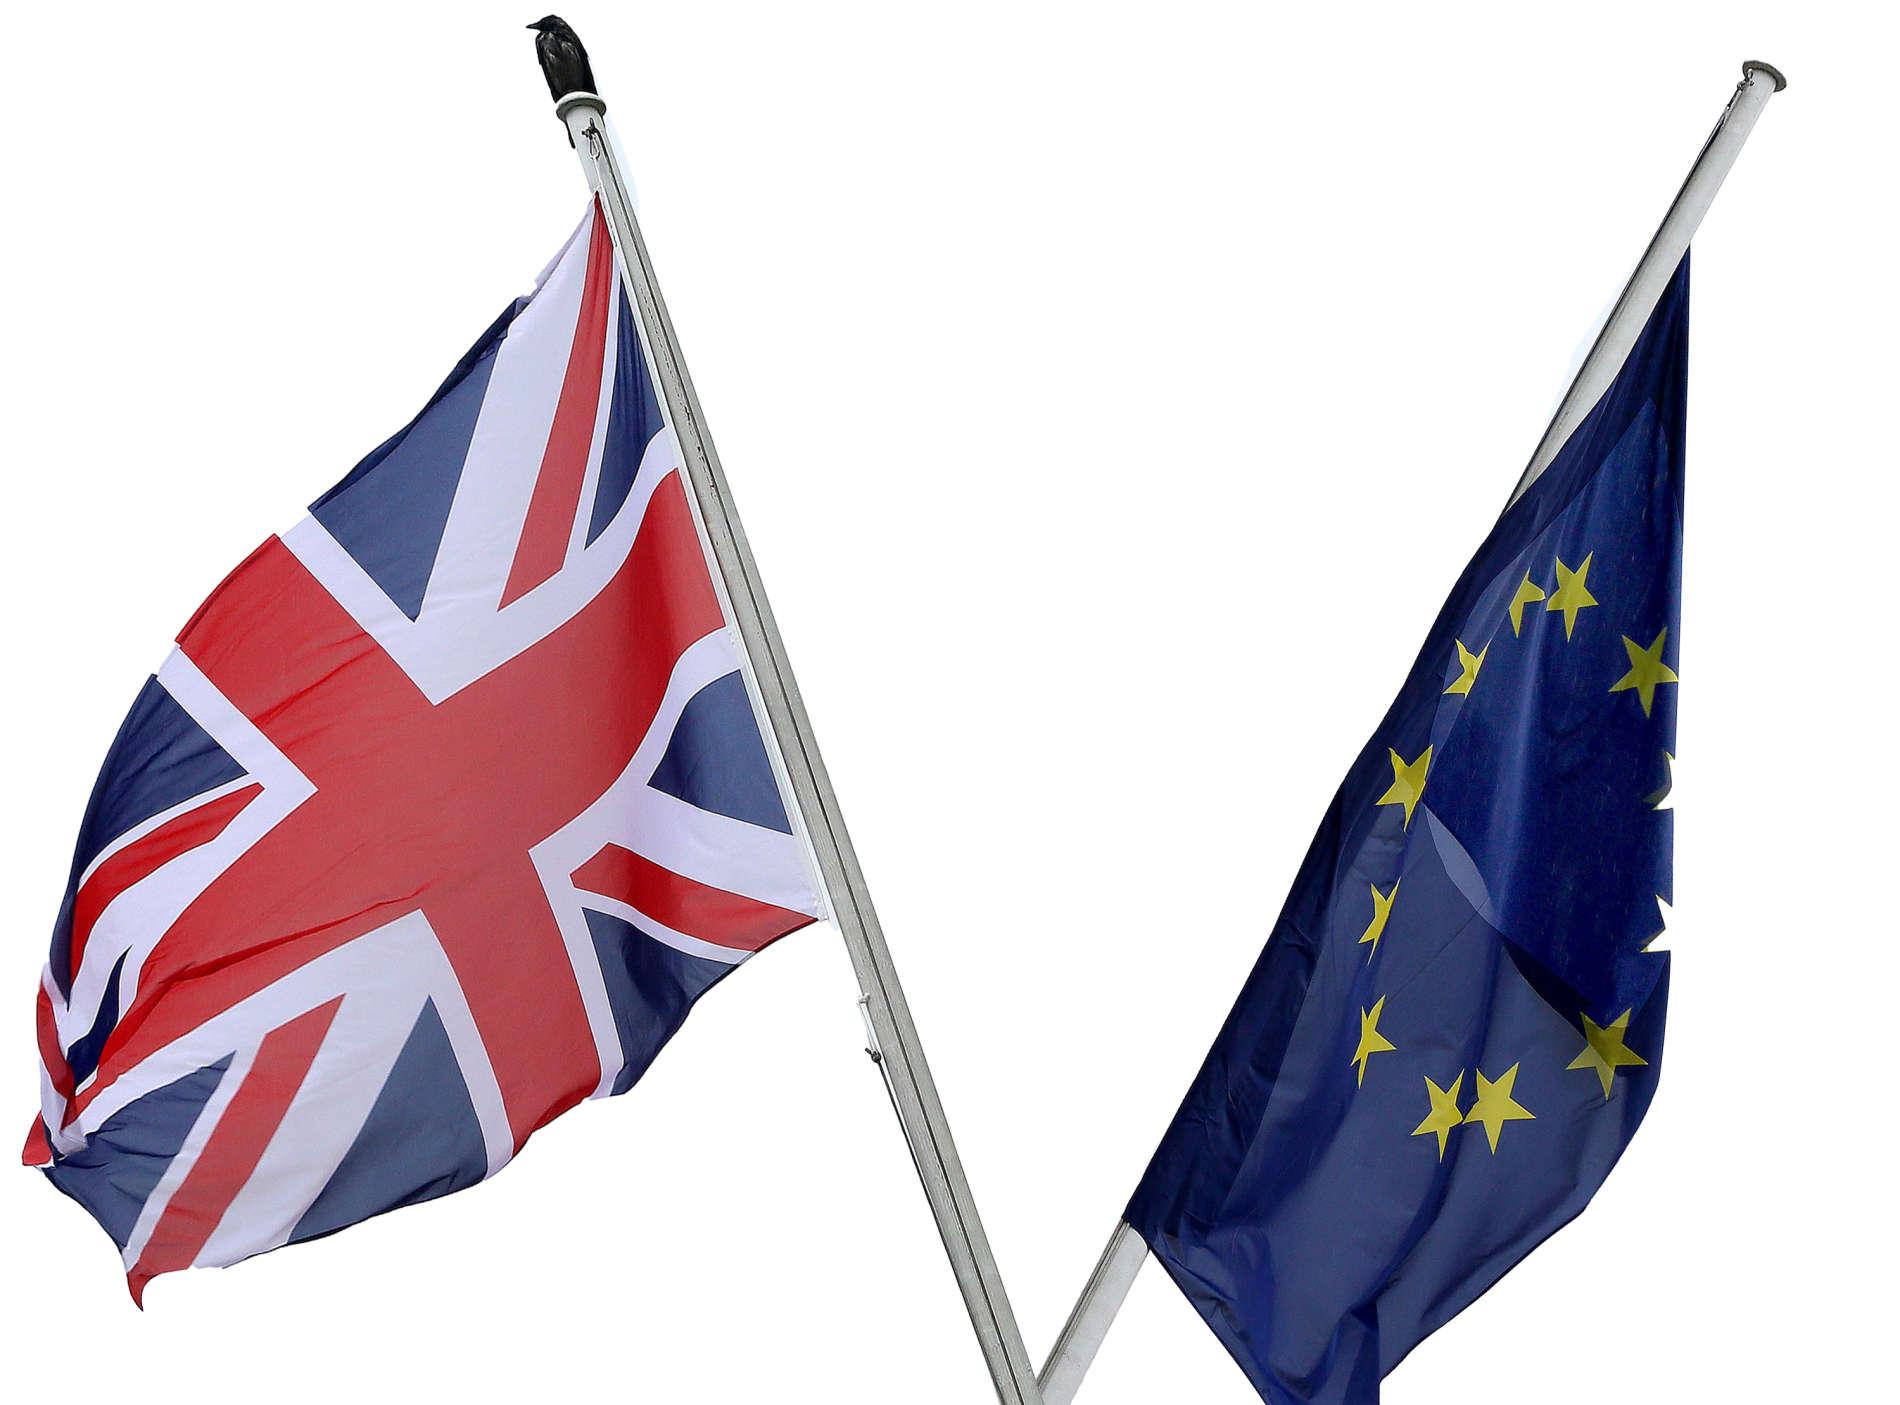 Der Austritt Großbritanniens aus der EU ist einen Schritt näher gerückt.